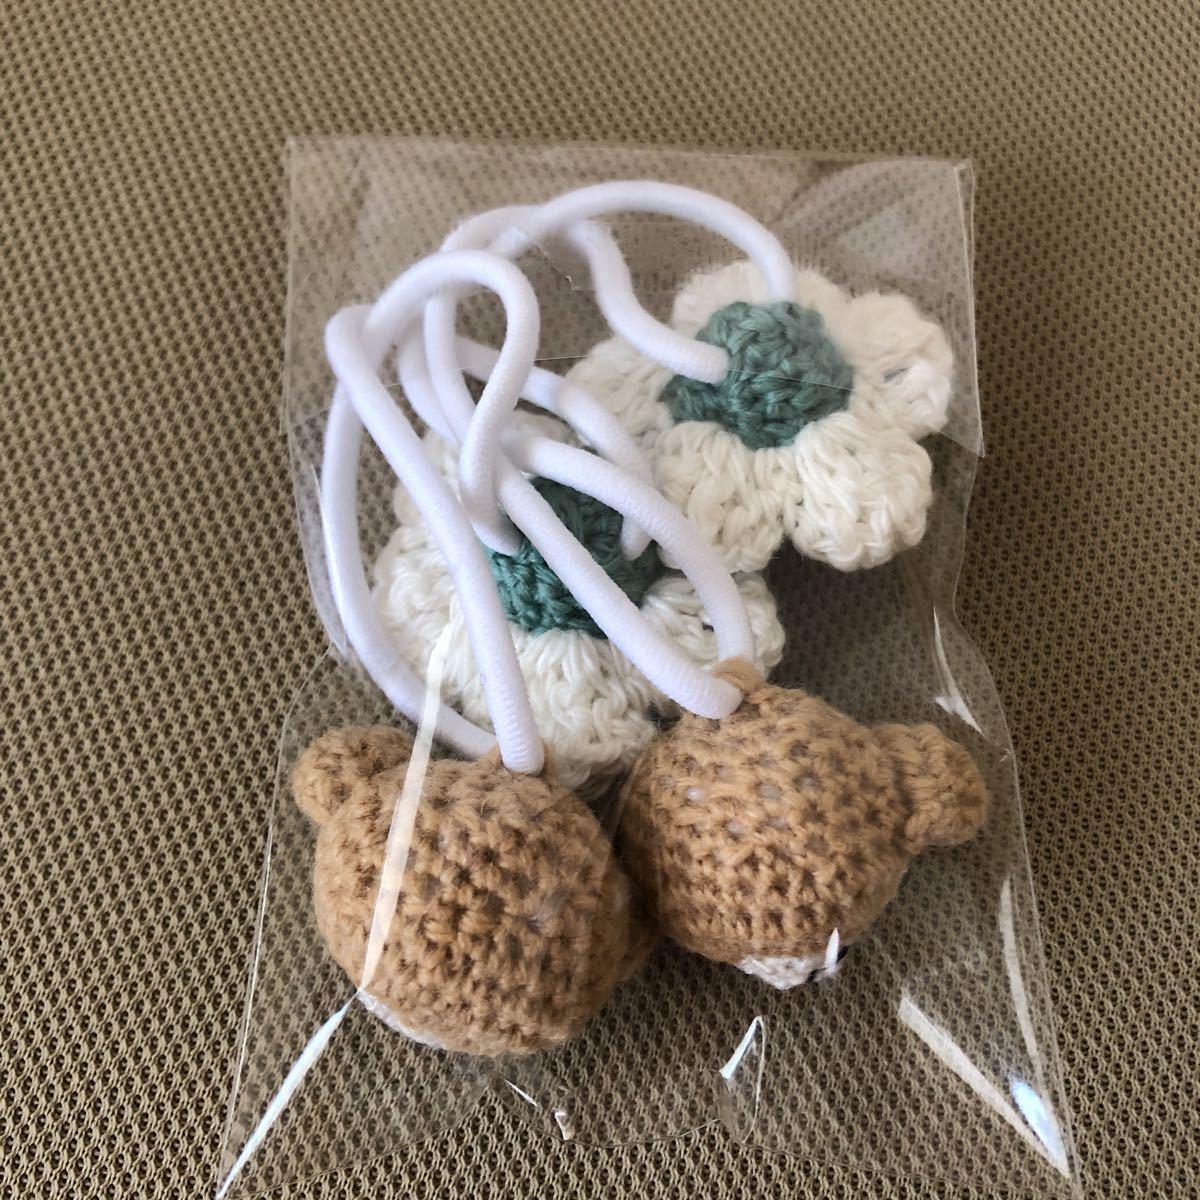 ハンドメイド 手編み くまちゃん お花 ヘアゴム 2個セット_画像3